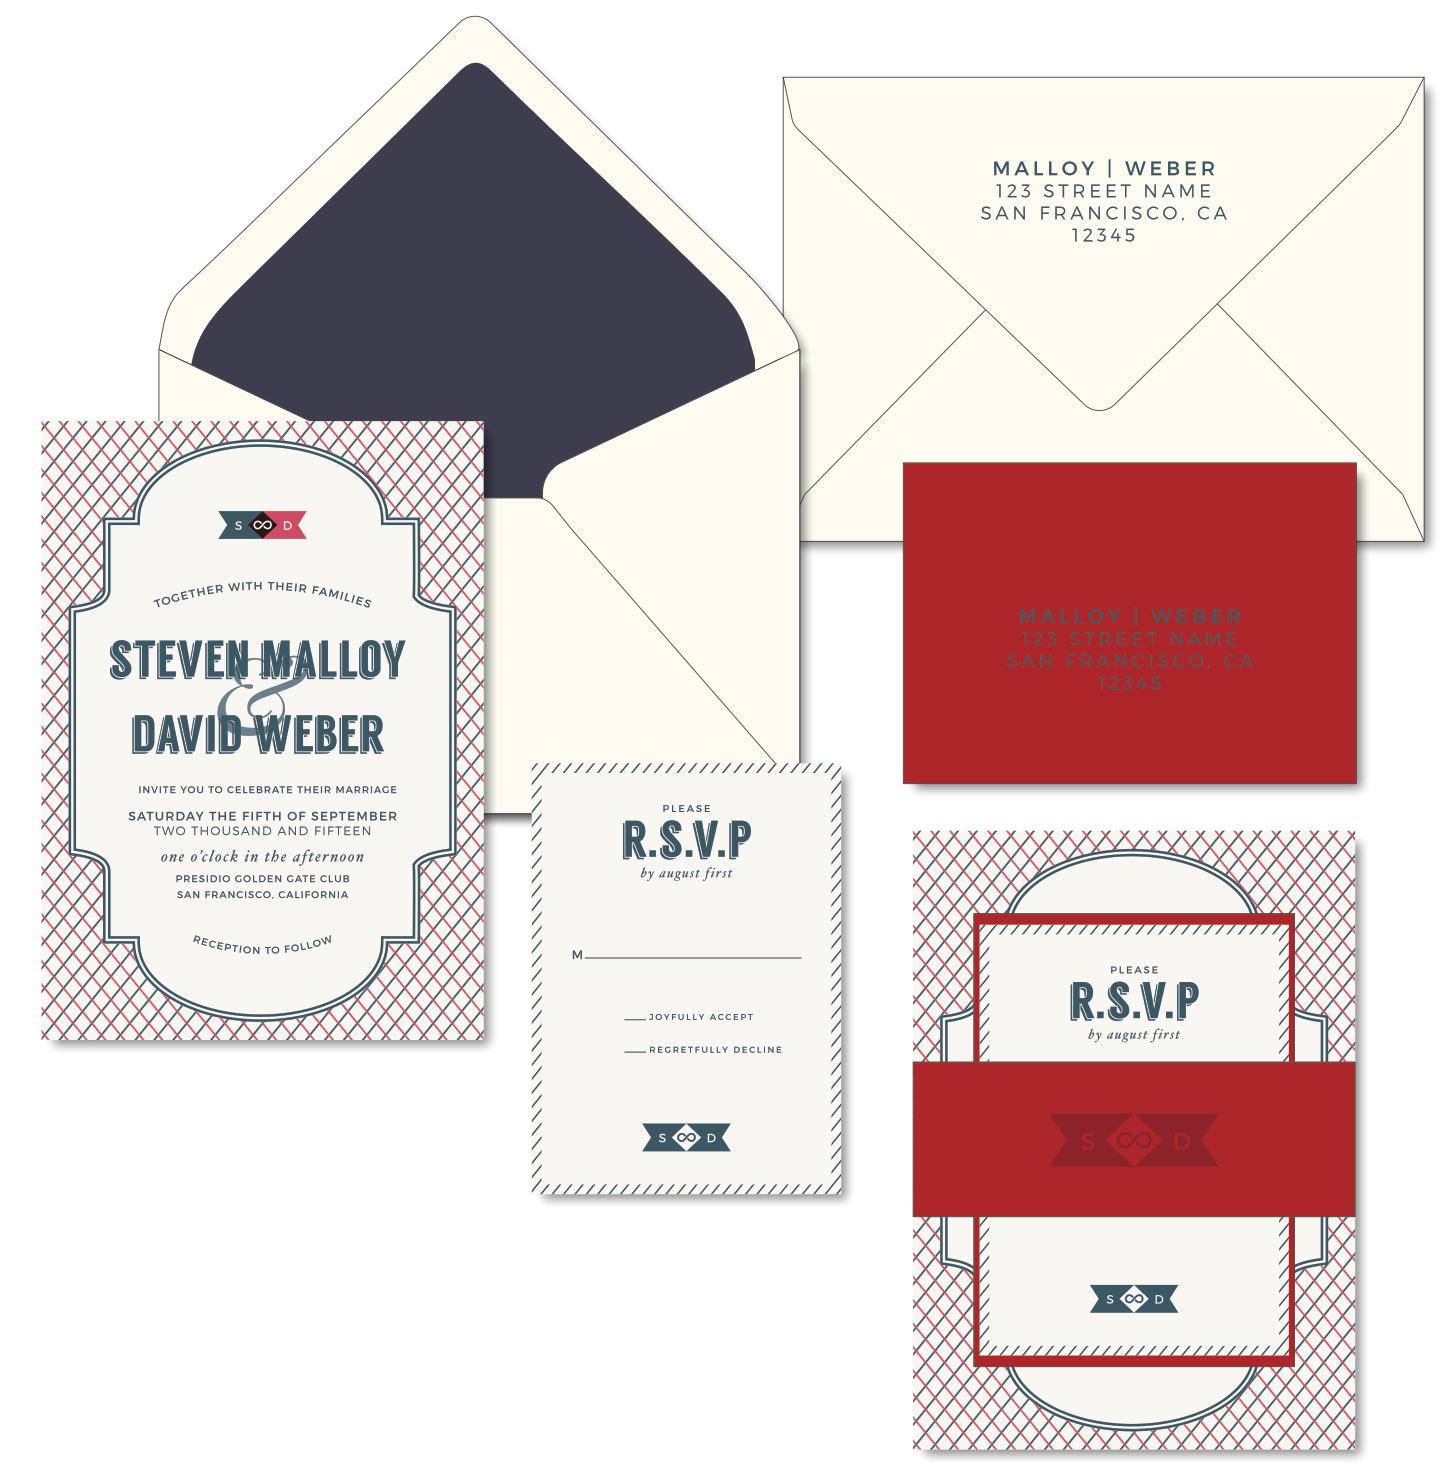 Gay Wedding Invitations - Letterpress